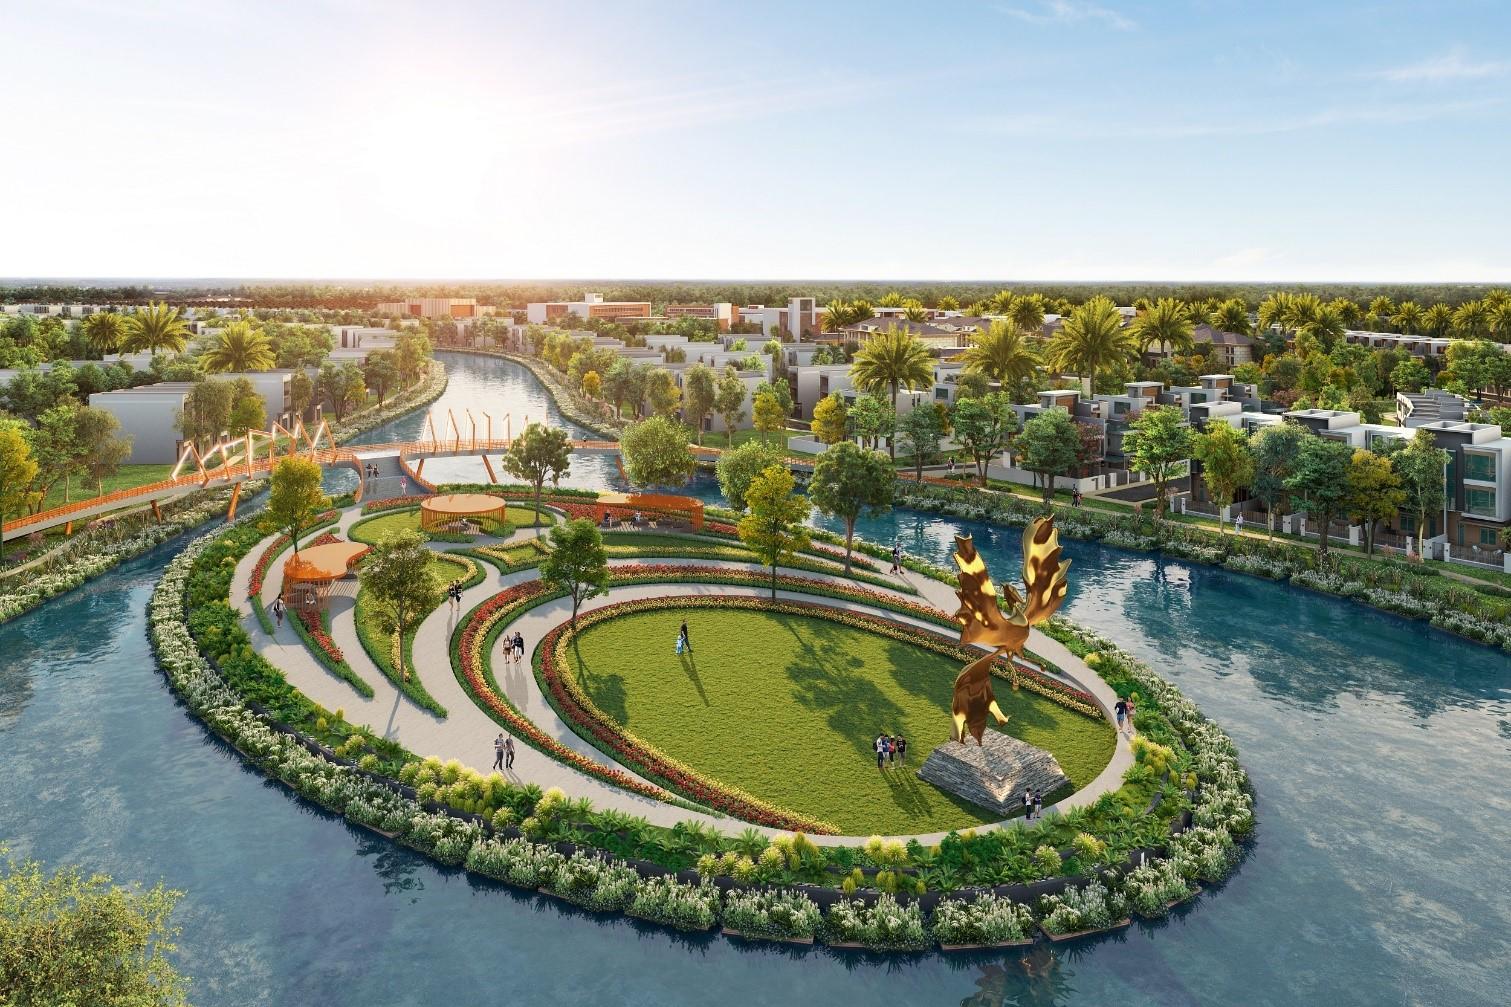 Dự án Aqua City quy hoạch theo mô hình đô thị sinh thái thông minh dành tới hơn 70% diện tích cho mảng xanh, tiện ích nội khu. Ảnh phối cảnh: Novaland.